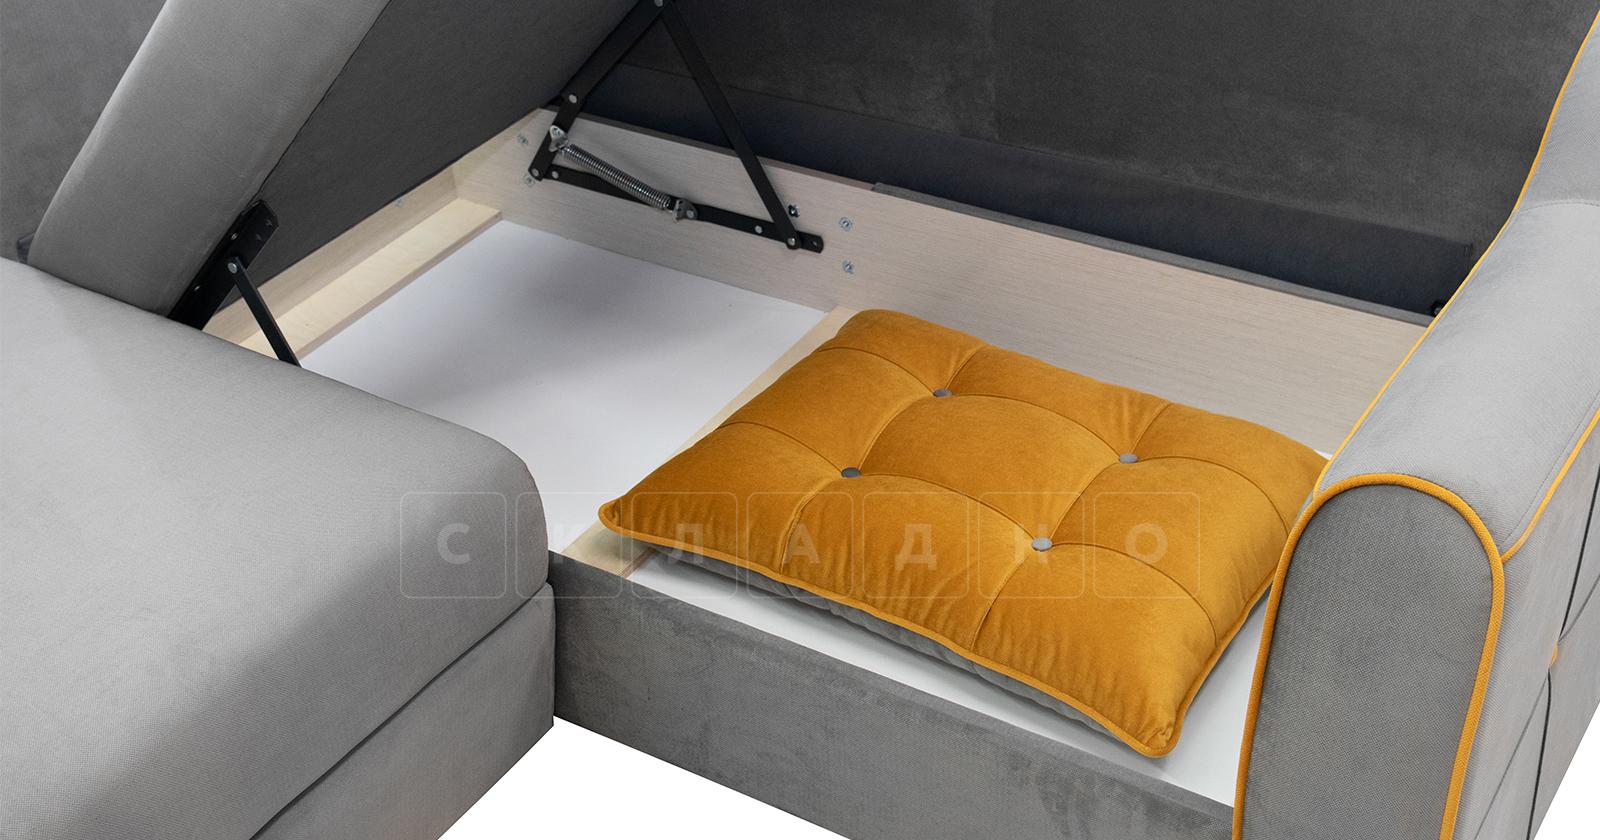 Диван-кровать угловой Флэтфорд кварцевый серый фото 8   интернет-магазин Складно